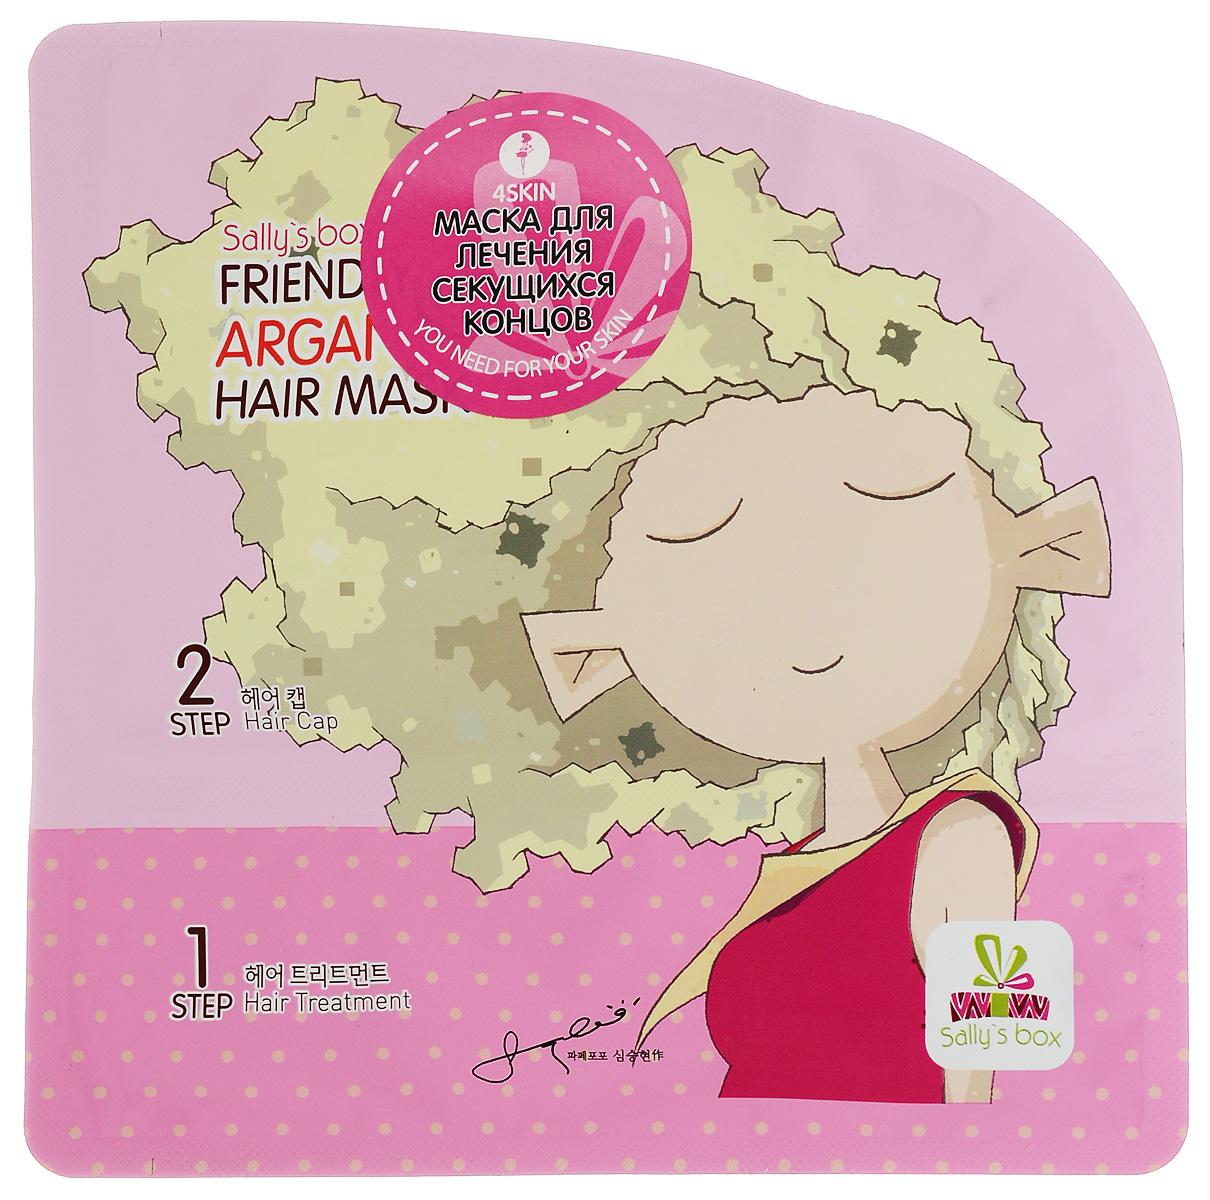 SALLY`S BOX Восстанавливающая маска для волосFS-00897Маска для волос с Аргановым маслом. Масло считается самым дорогим и ценным продуктом в косметологии. Маска состоит из бальзама и отдельно шапочки. Шапочка пропитана специальным лосьоном со множеством натуральных ингредиентов. Ваши волосы приобретут здоровье и красоту. Подходит для восстановления секущихся концов.